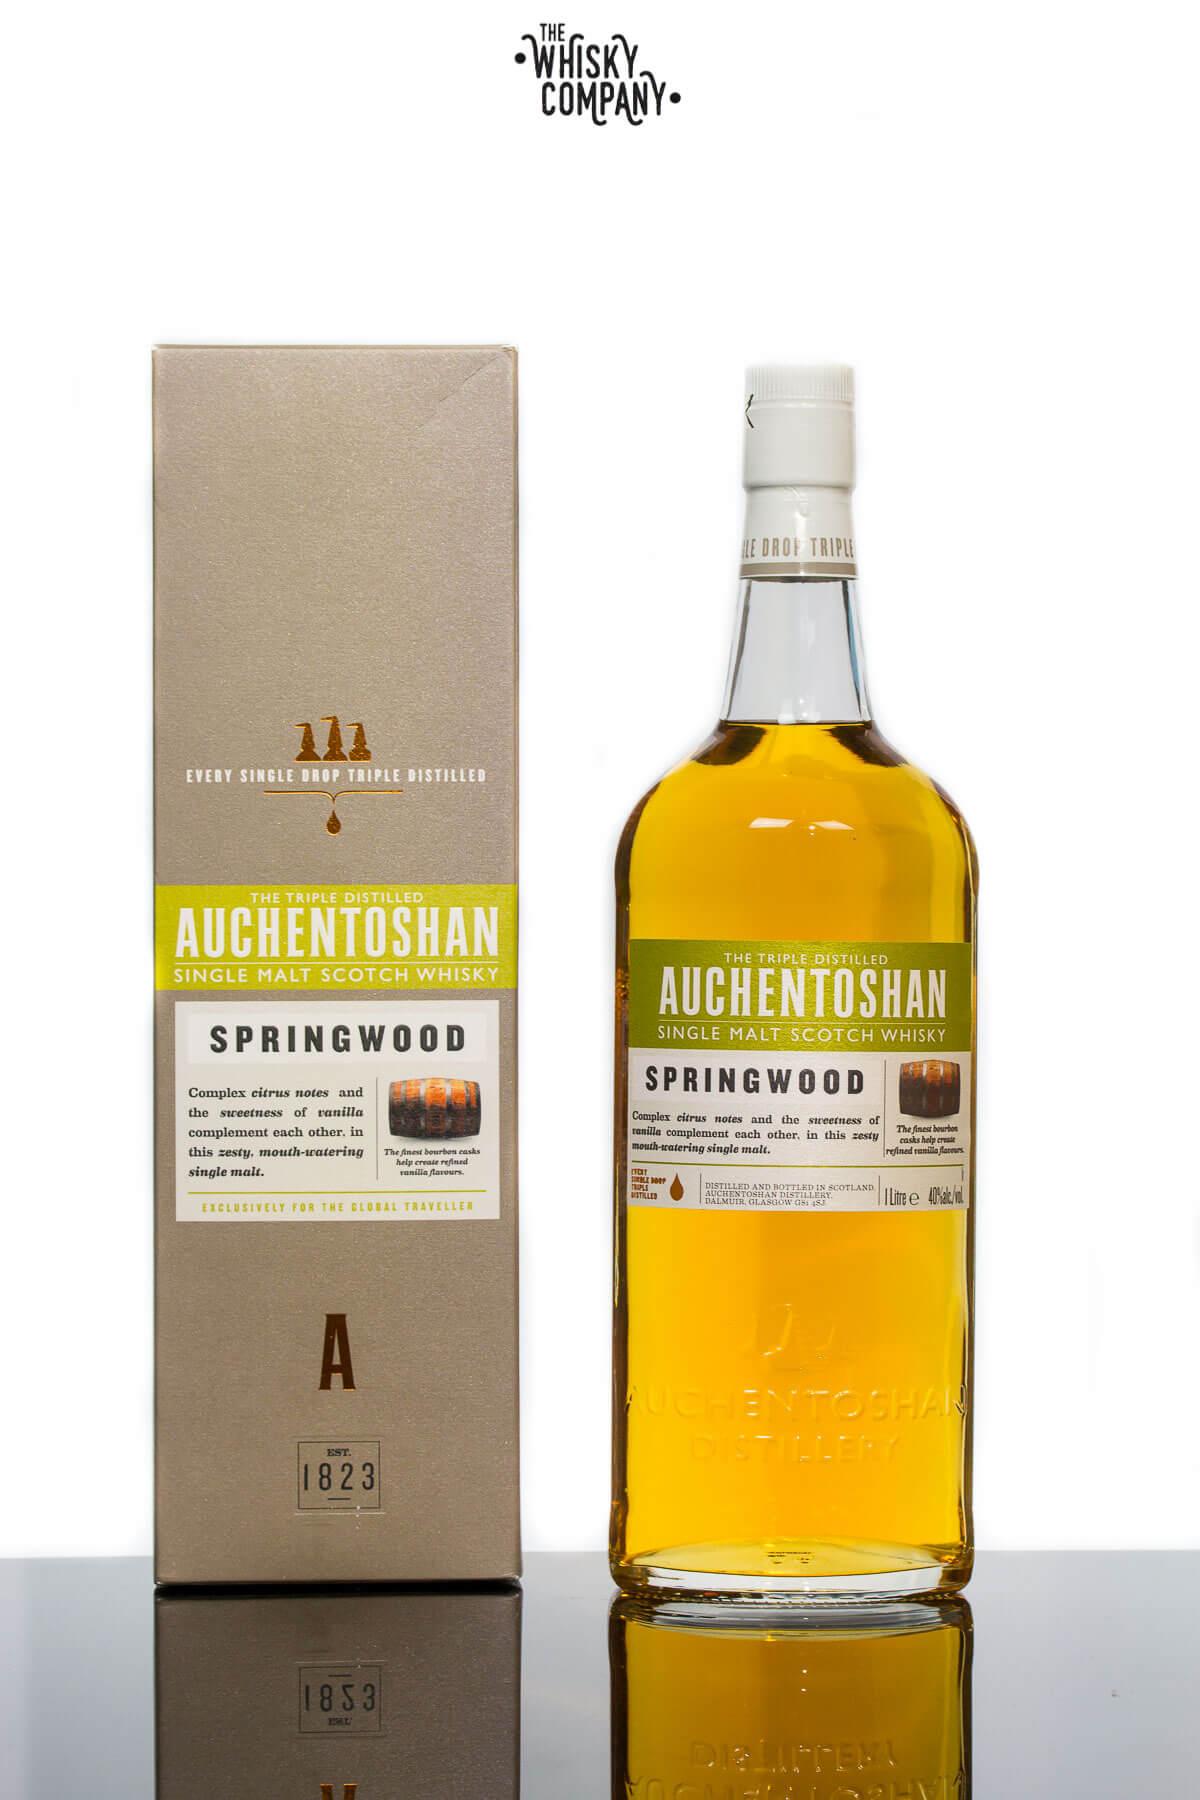 Auchentoshan Springwood Single Malt Scotch Whisky 1000ml